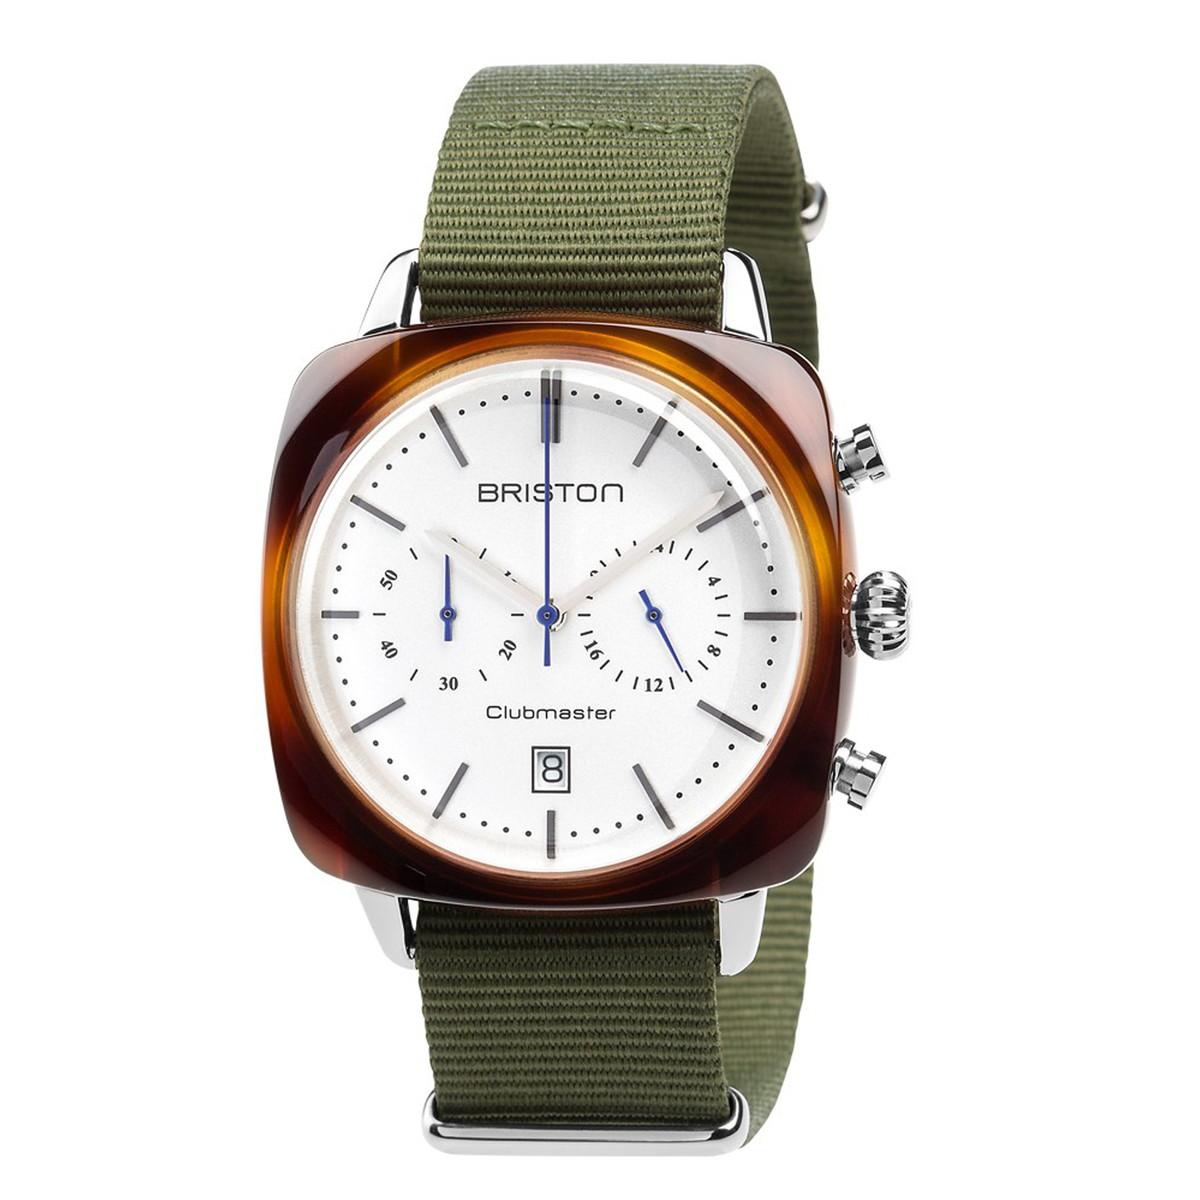 ブリストン BRISTON 公式通販 腕時計 クラブマスター ヴィンテージ クロノグラフ CLUBMASTER VINTAGE CHRONOGRAPH BLACK